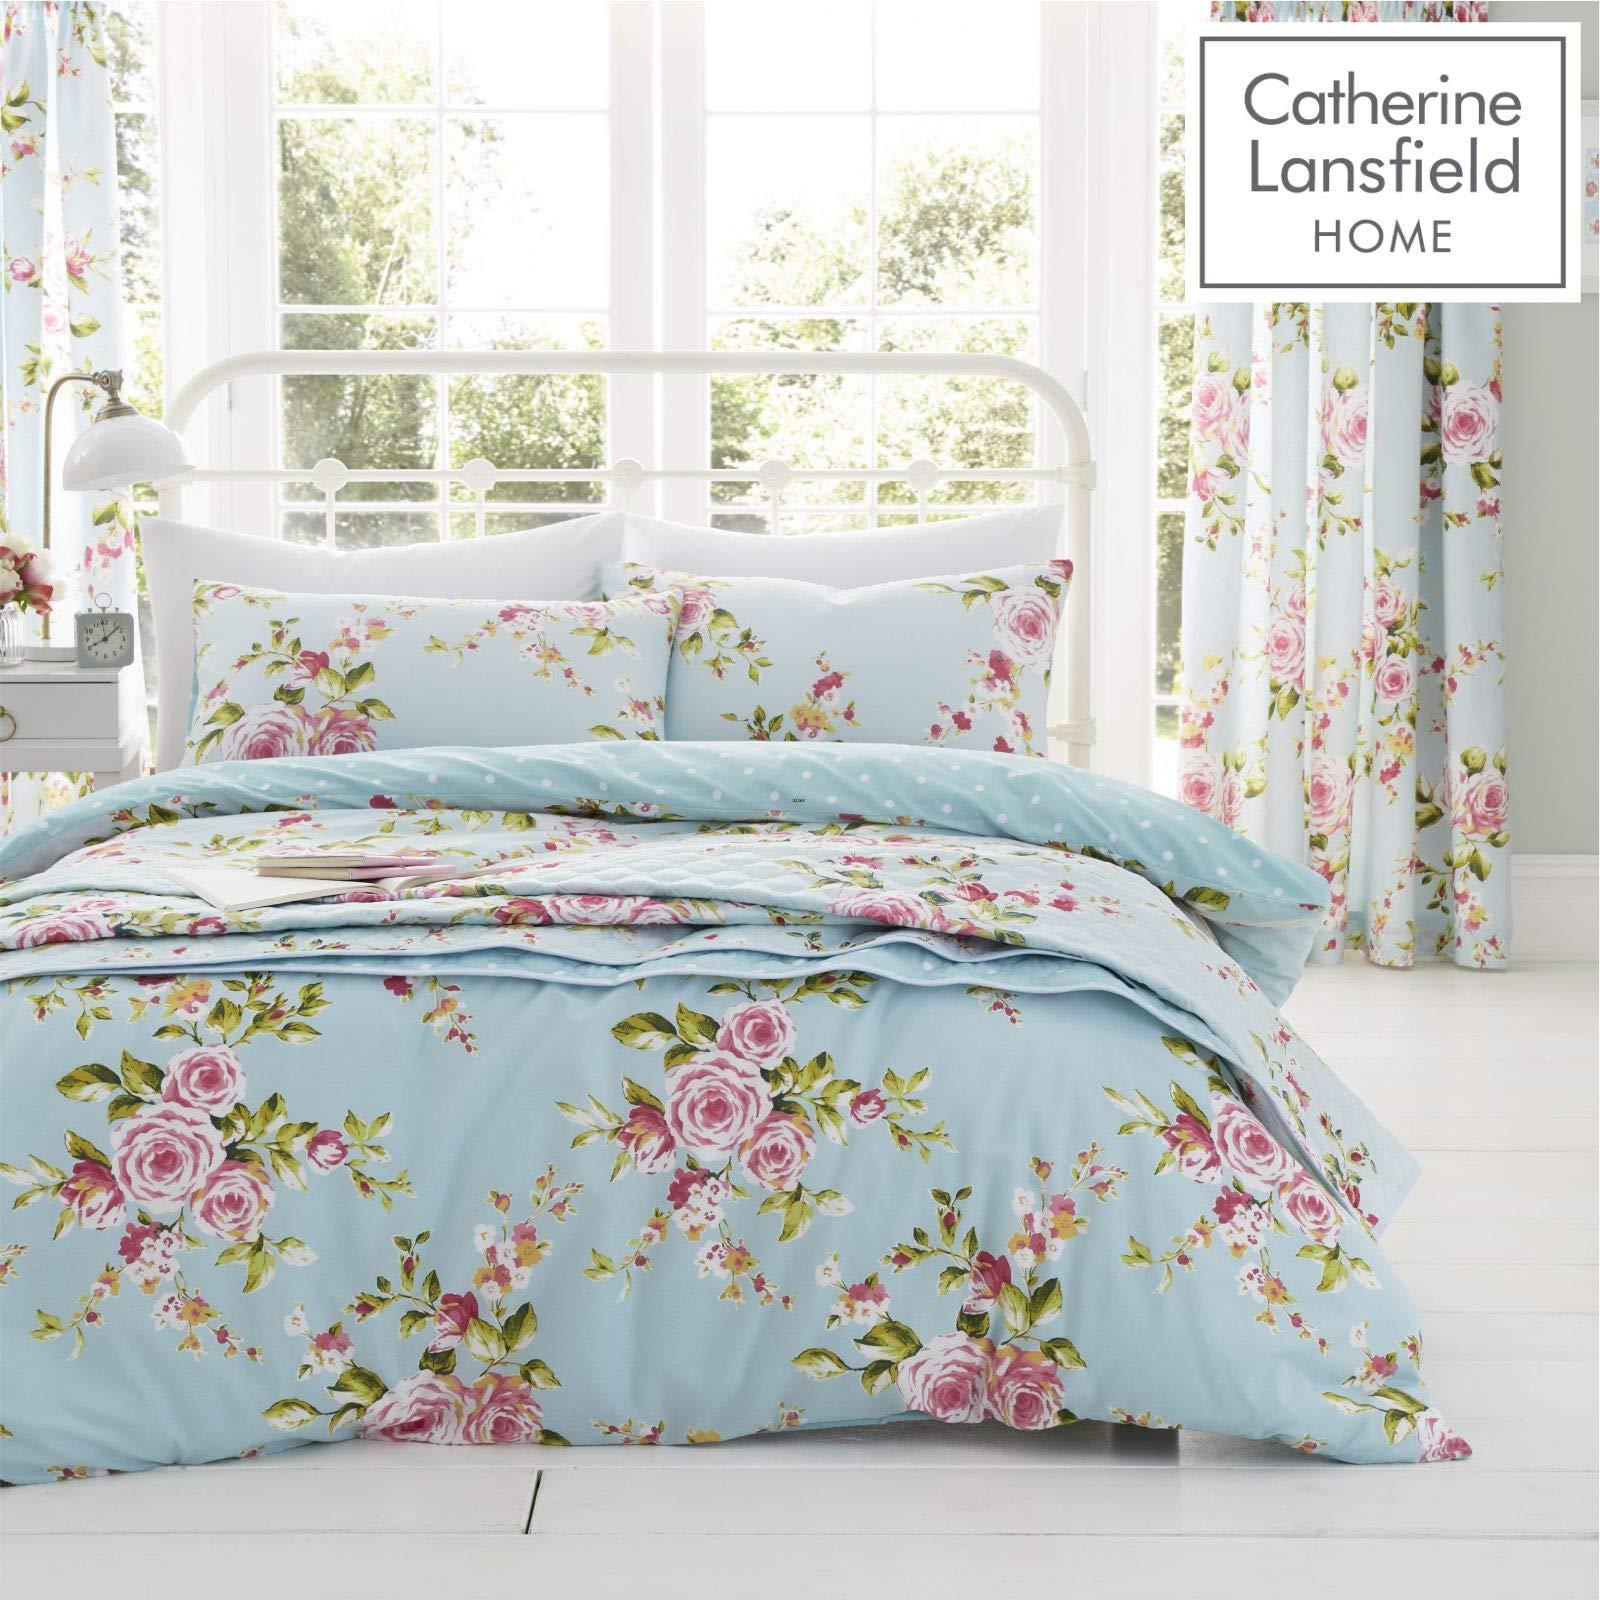 Catherine Lansfield - Juego de funda de edredón y fundas de almohada para cama de matrimonio